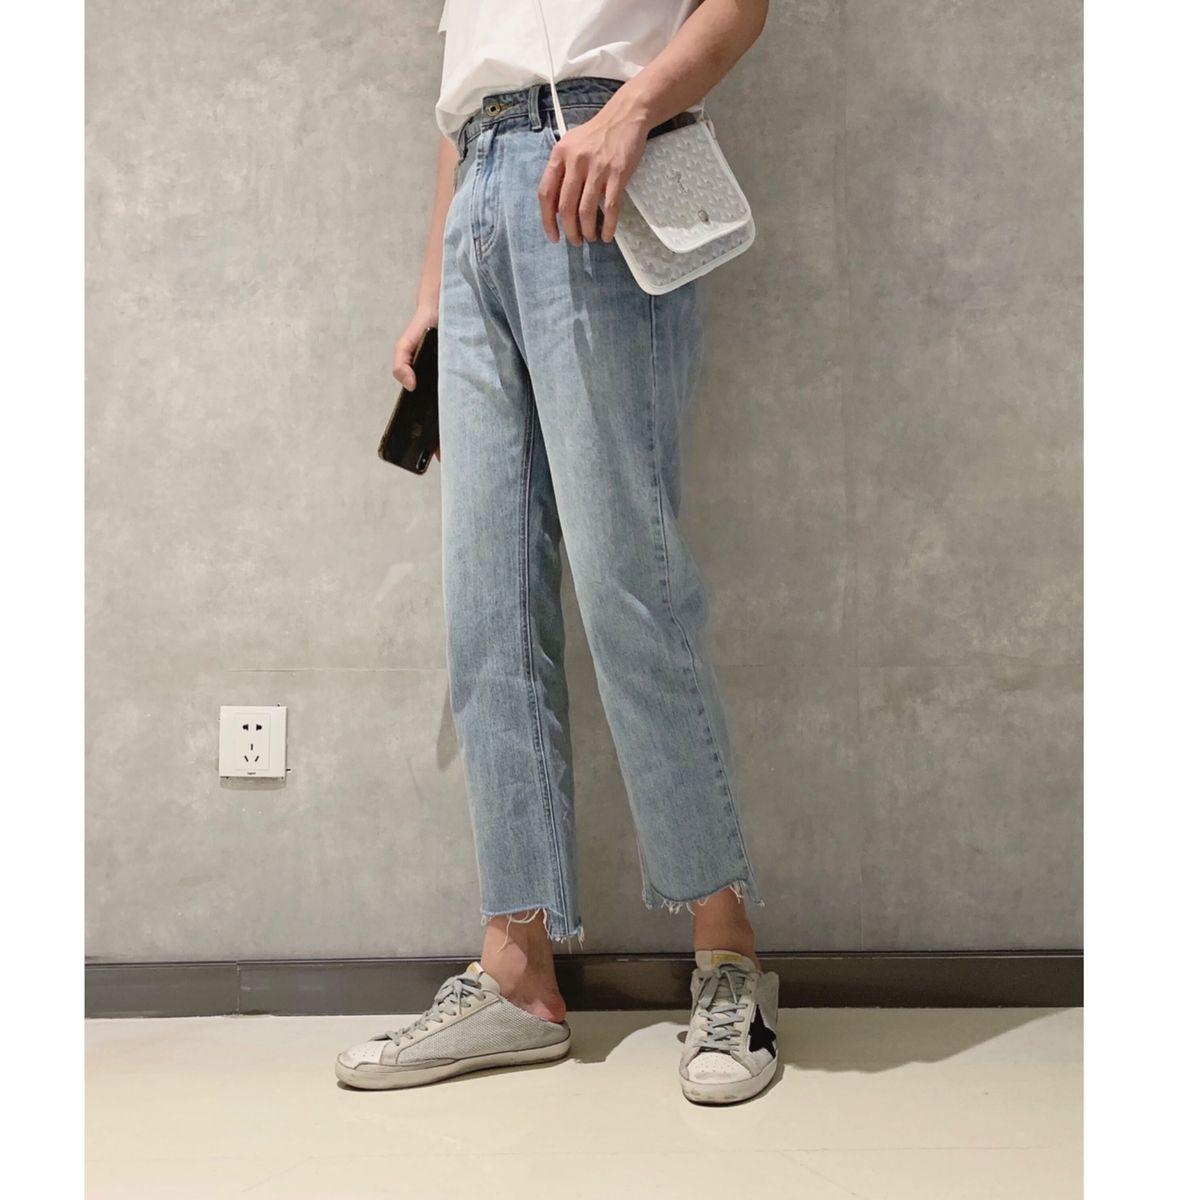 11-27新券阿茶与阿古蓝色破边牛仔裤男夏季薄款直筒设计感不规则裤脚休闲裤